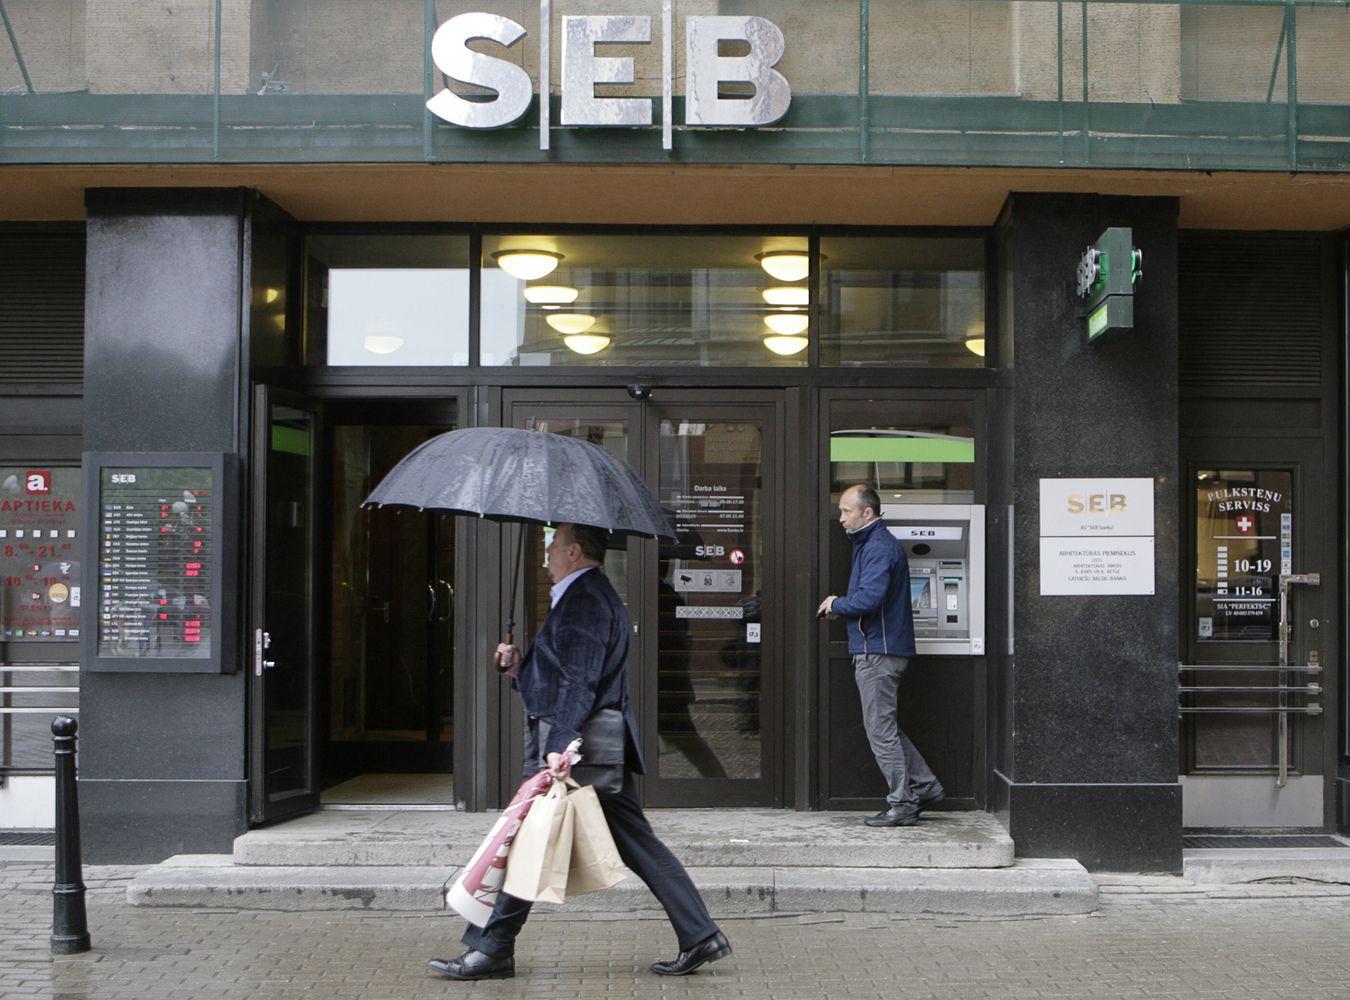 SEB sudarė nesąžiningų įmonių sąrašą: nubaus išparduodamas jų akcijas